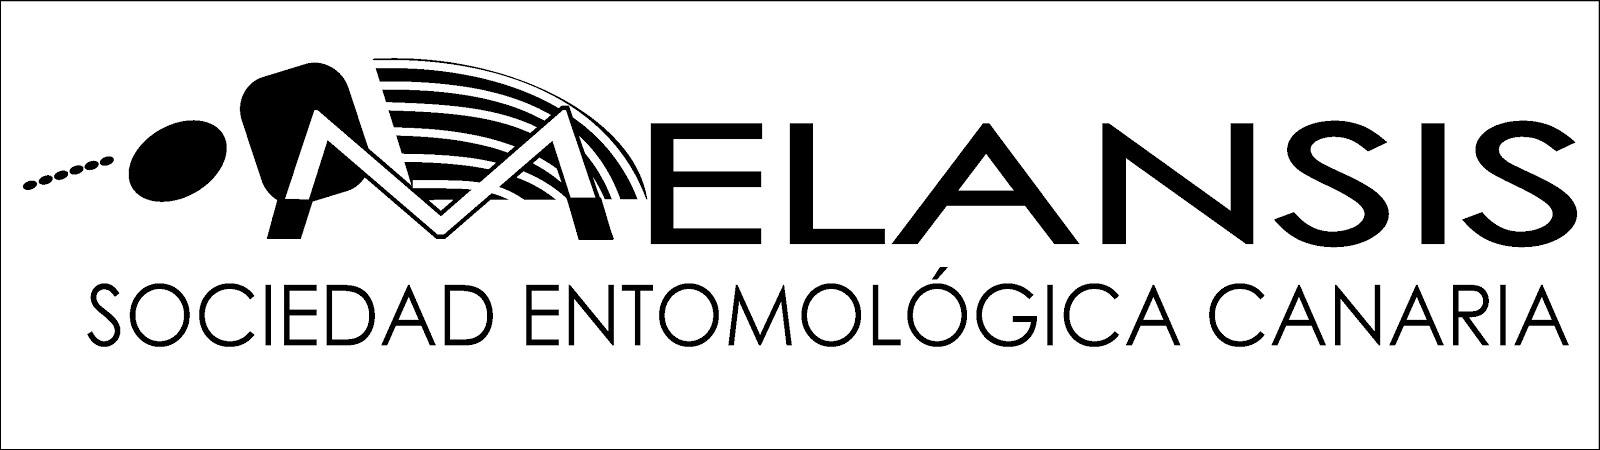 Sociedad Entomológica Canaria Melansis